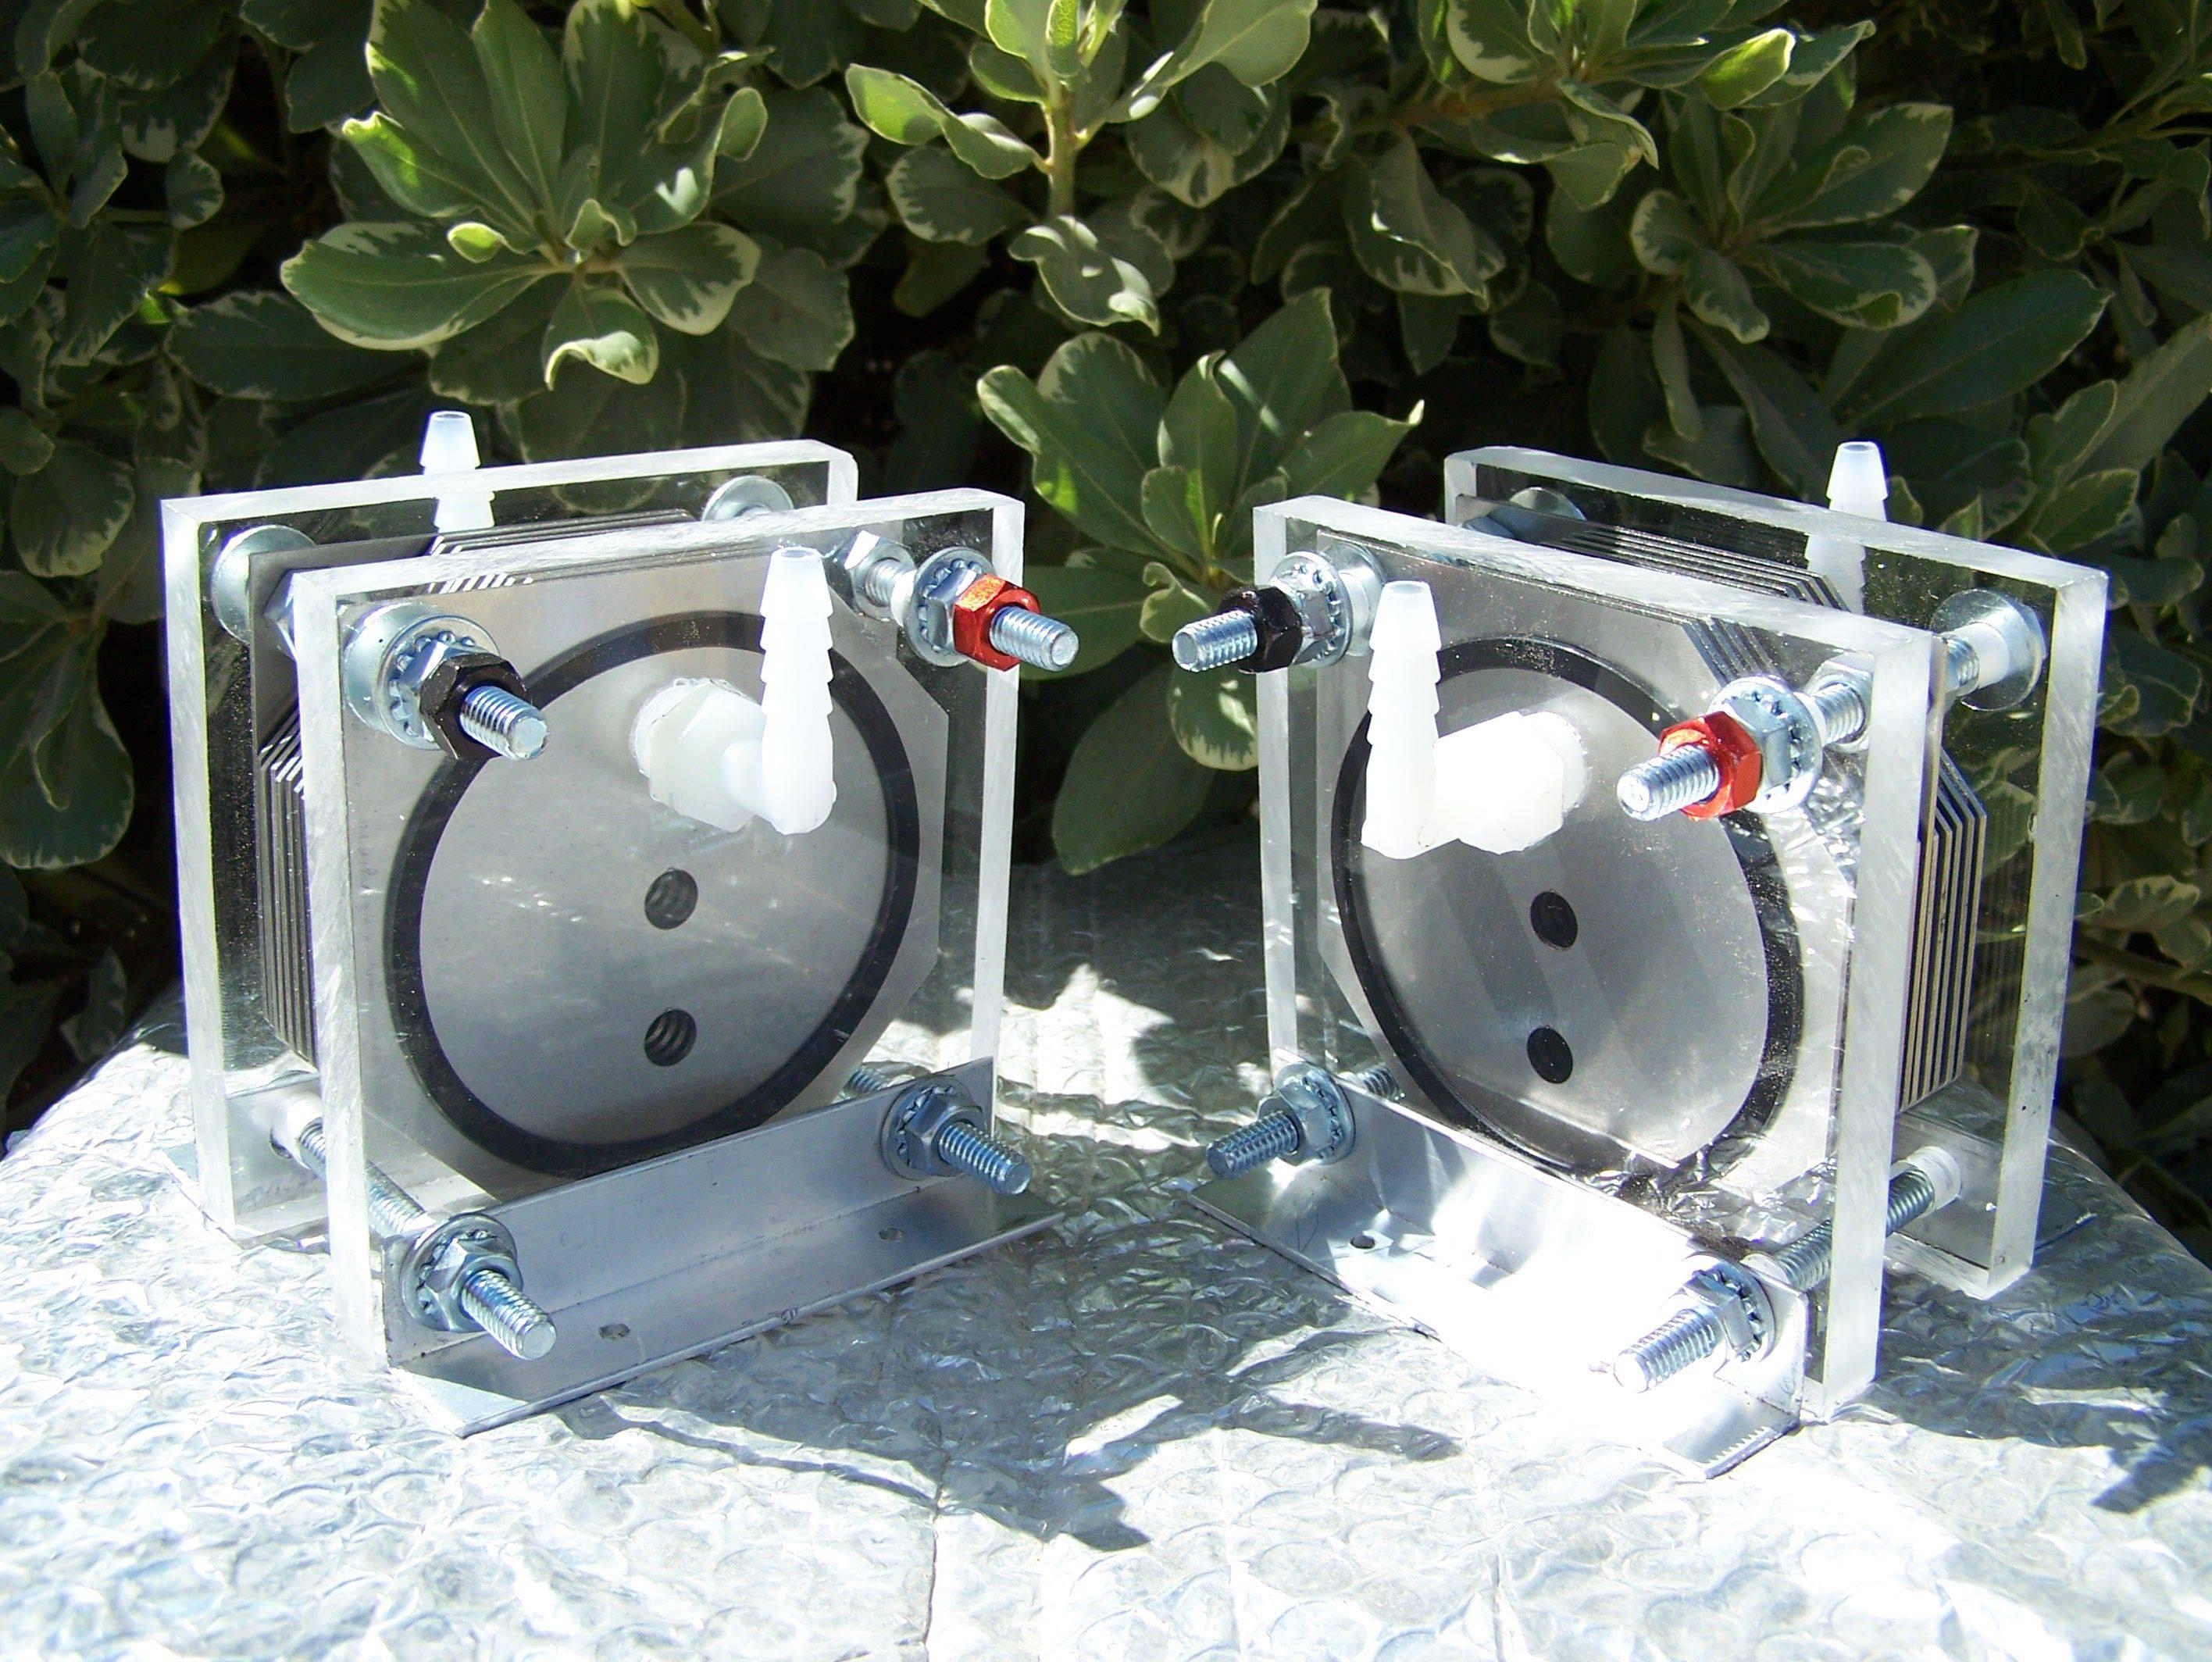 Водородный генератор своими руками: конструкция самодельного устройства и инструкция по его изготовлению